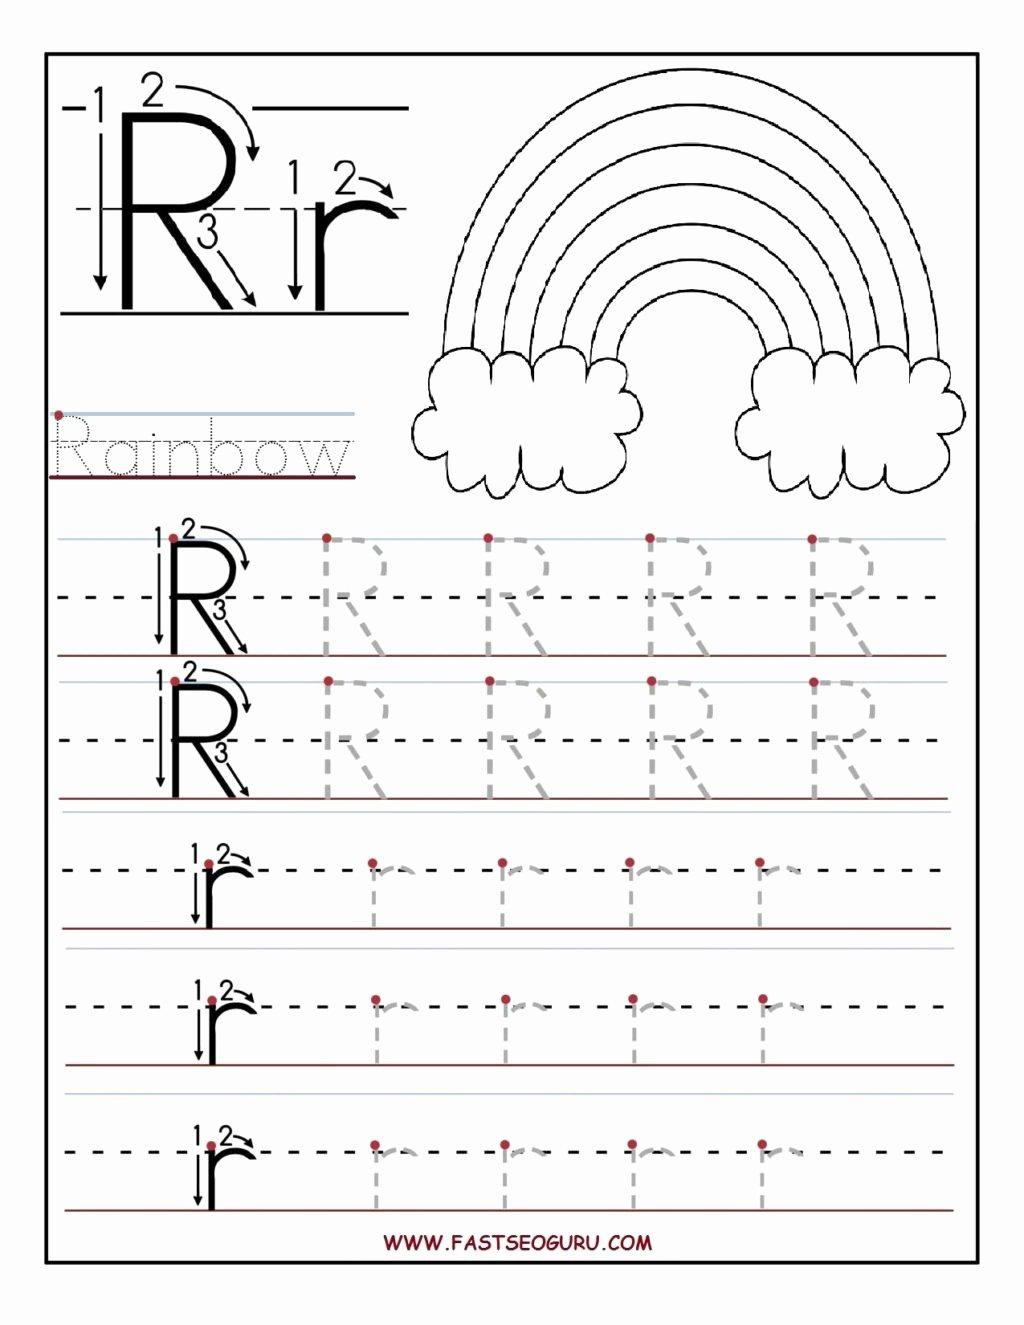 Letter A Printable Worksheets for Preschoolers Inspirational Worksheet Letter Trace Worksheet Free Printable Worksheets